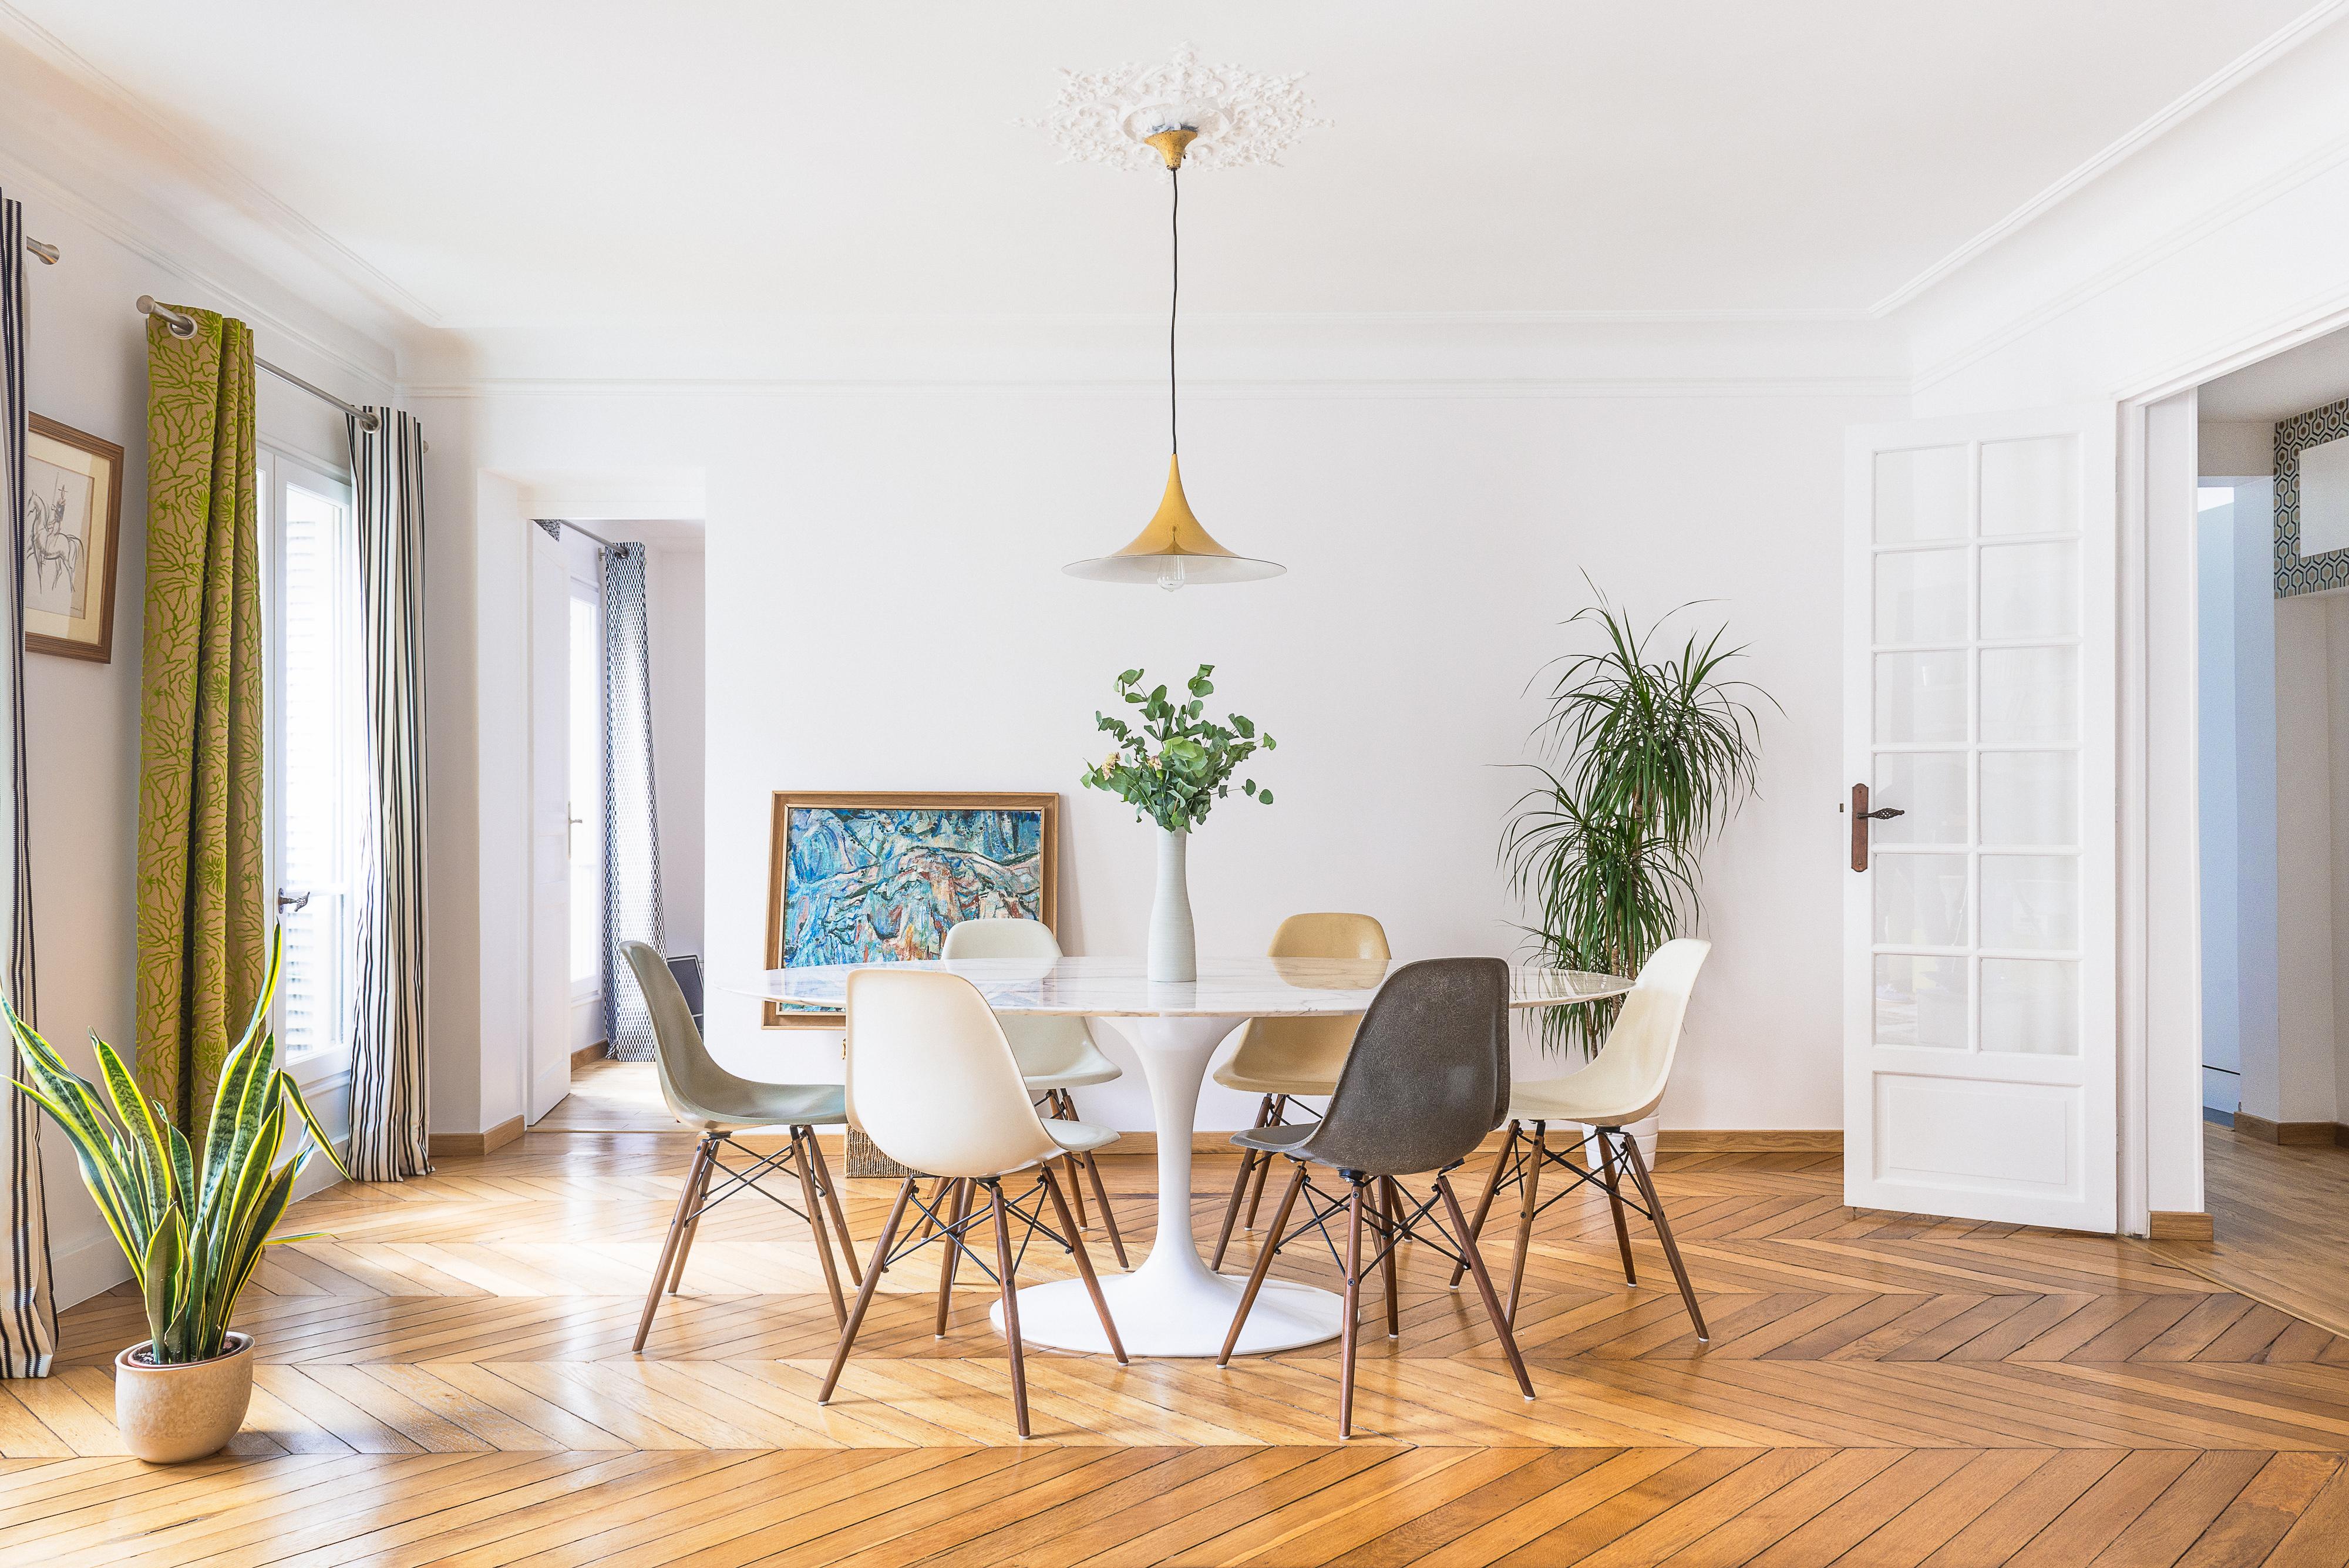 Rénovation appartement Paris - Marion Alberge - Décoratrice d'intérieur